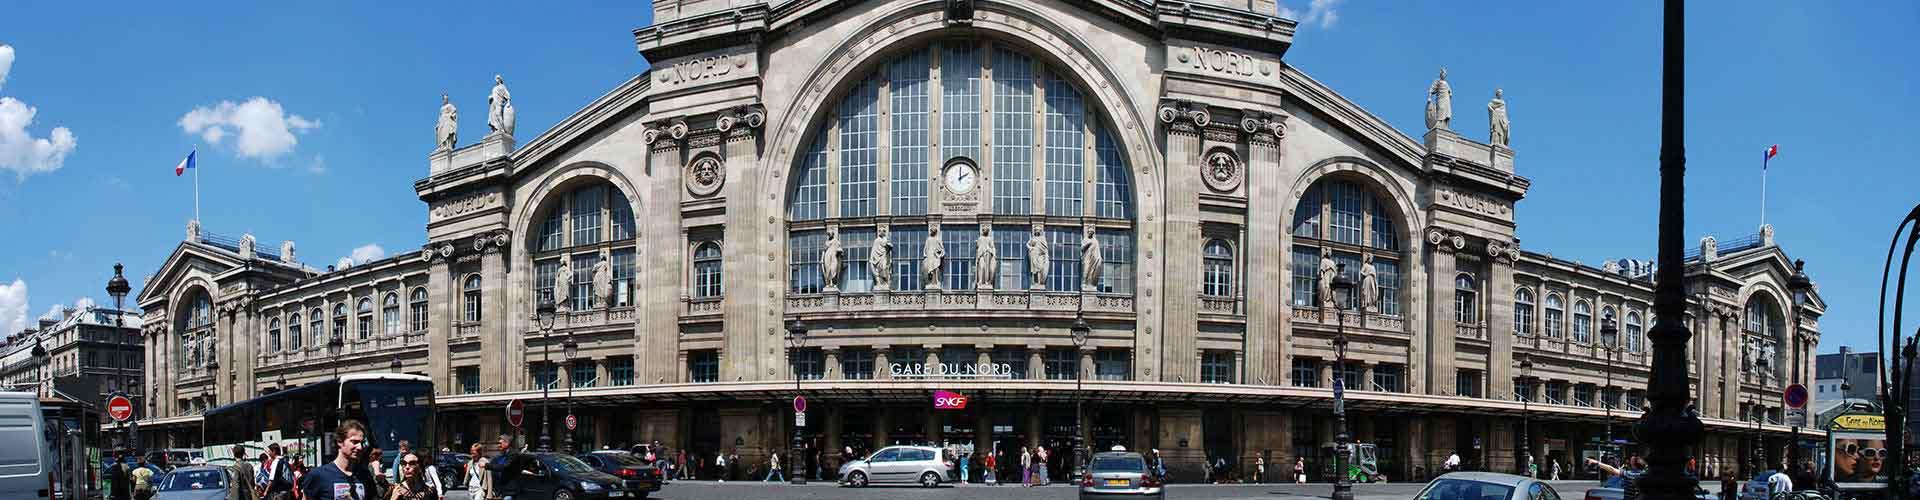 Pariisi – Hostellit kaupungiosassa North Station. Pariisi -karttoja, valokuvia ja arvosteluja kaikista Pariisi -hostelleista.